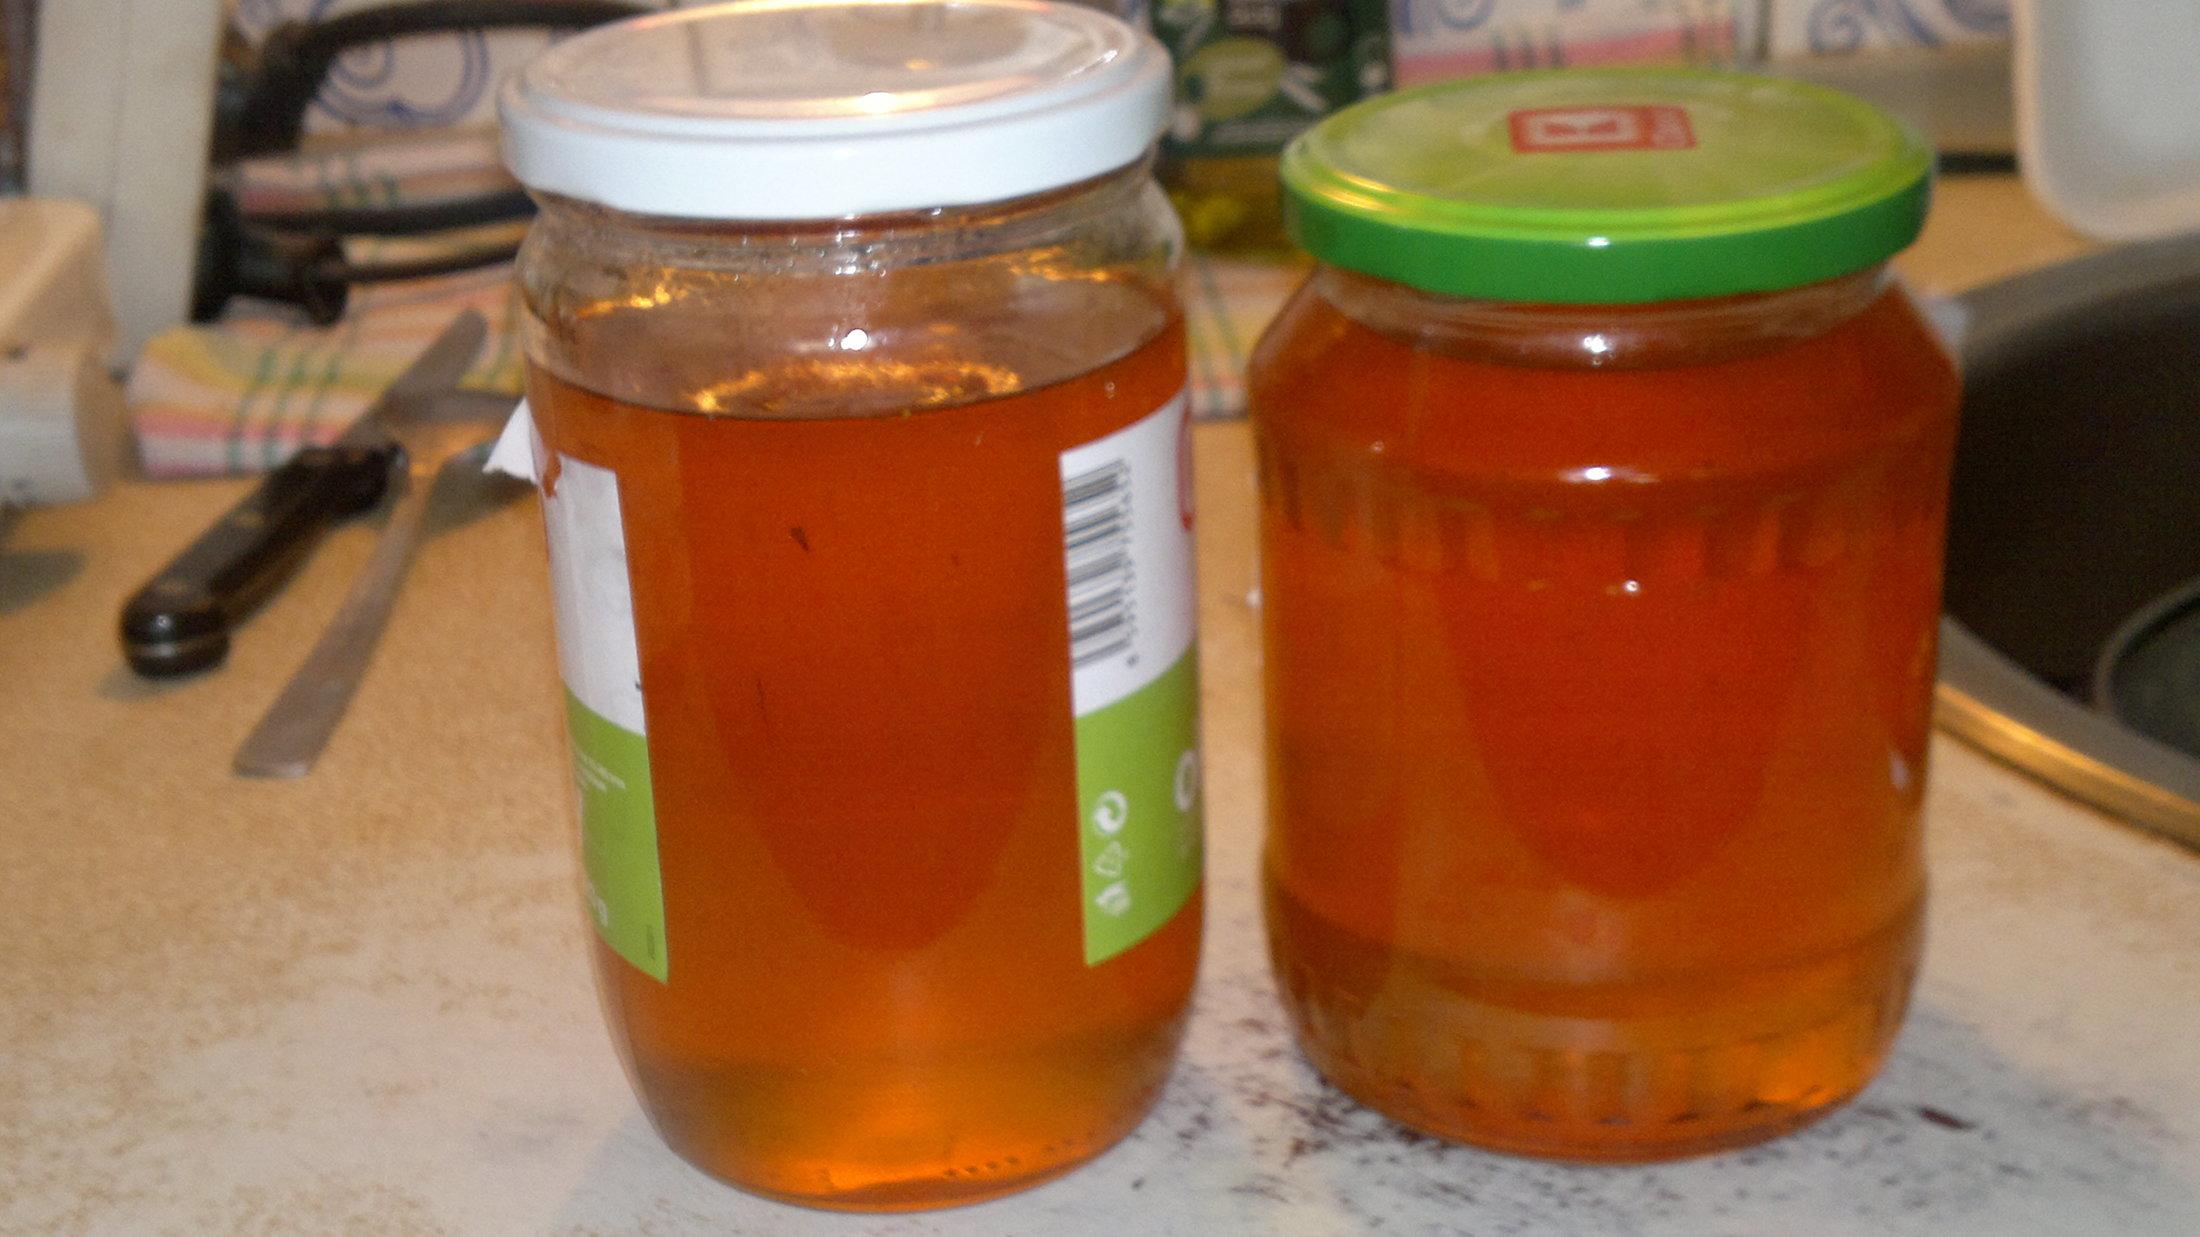 Recept Pampeliškový med - Prvovýrobek pampeliškového medu a skutečně se mi prý povedl....